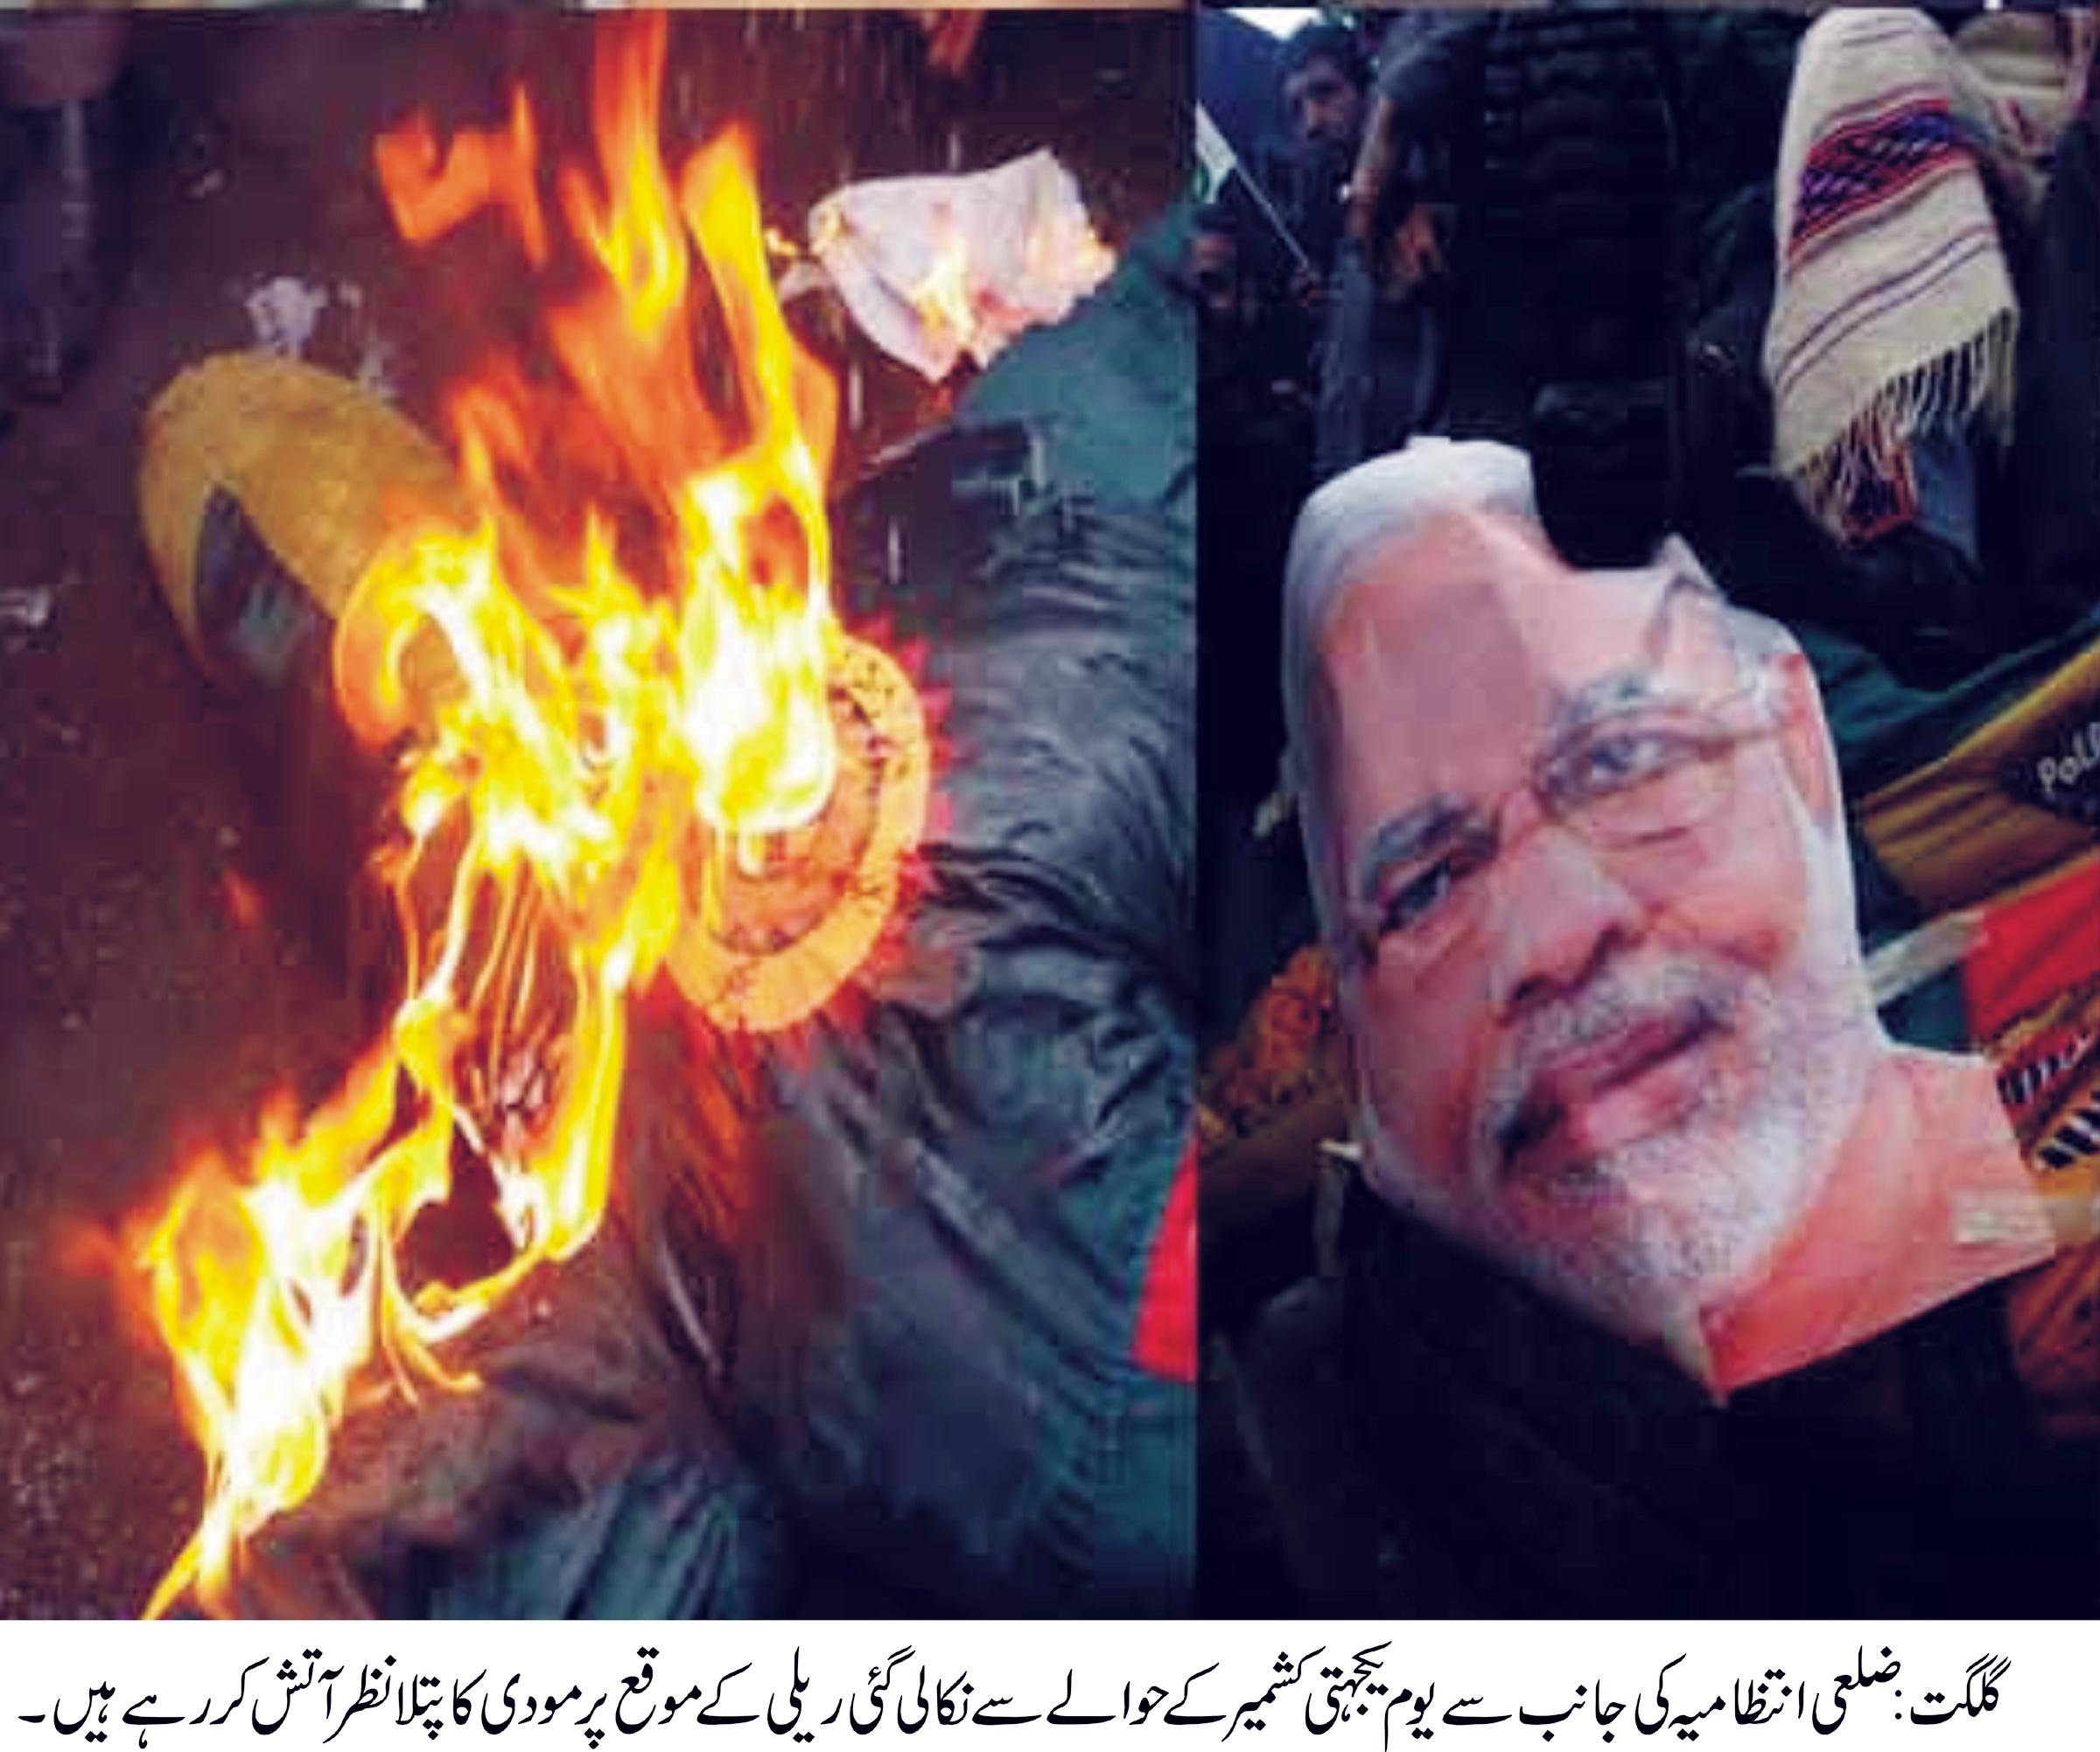 یوم یکجہتی کشمیر کے موقع پر گلگت بلتستان میں ریلیاں، حق خود ارادیت کی حمایت کا اعادہ کیا گیا